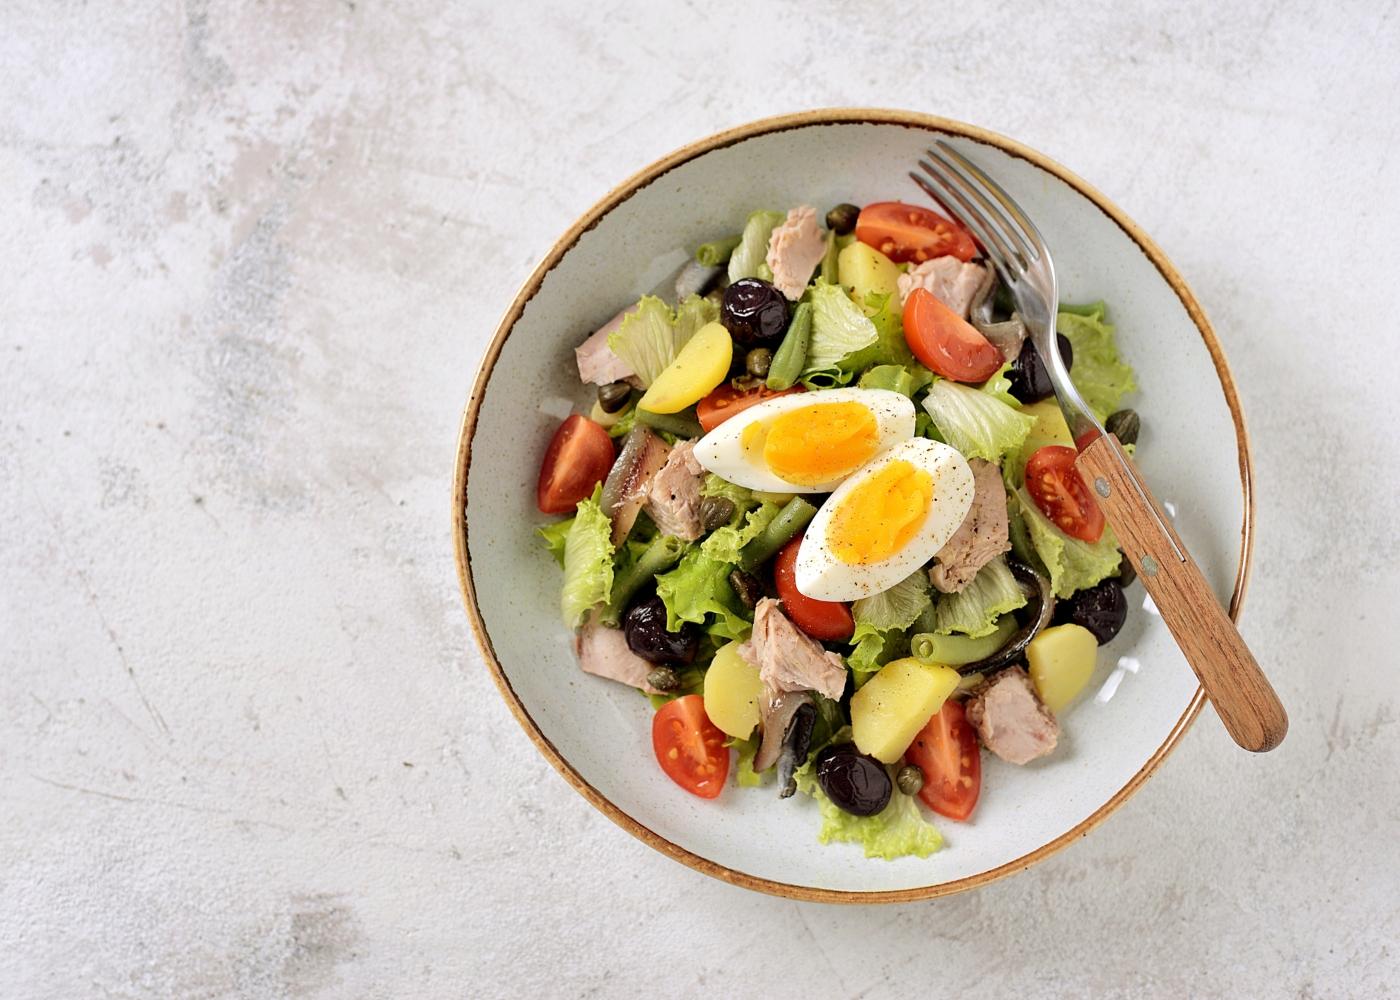 saladeira com salada campestre